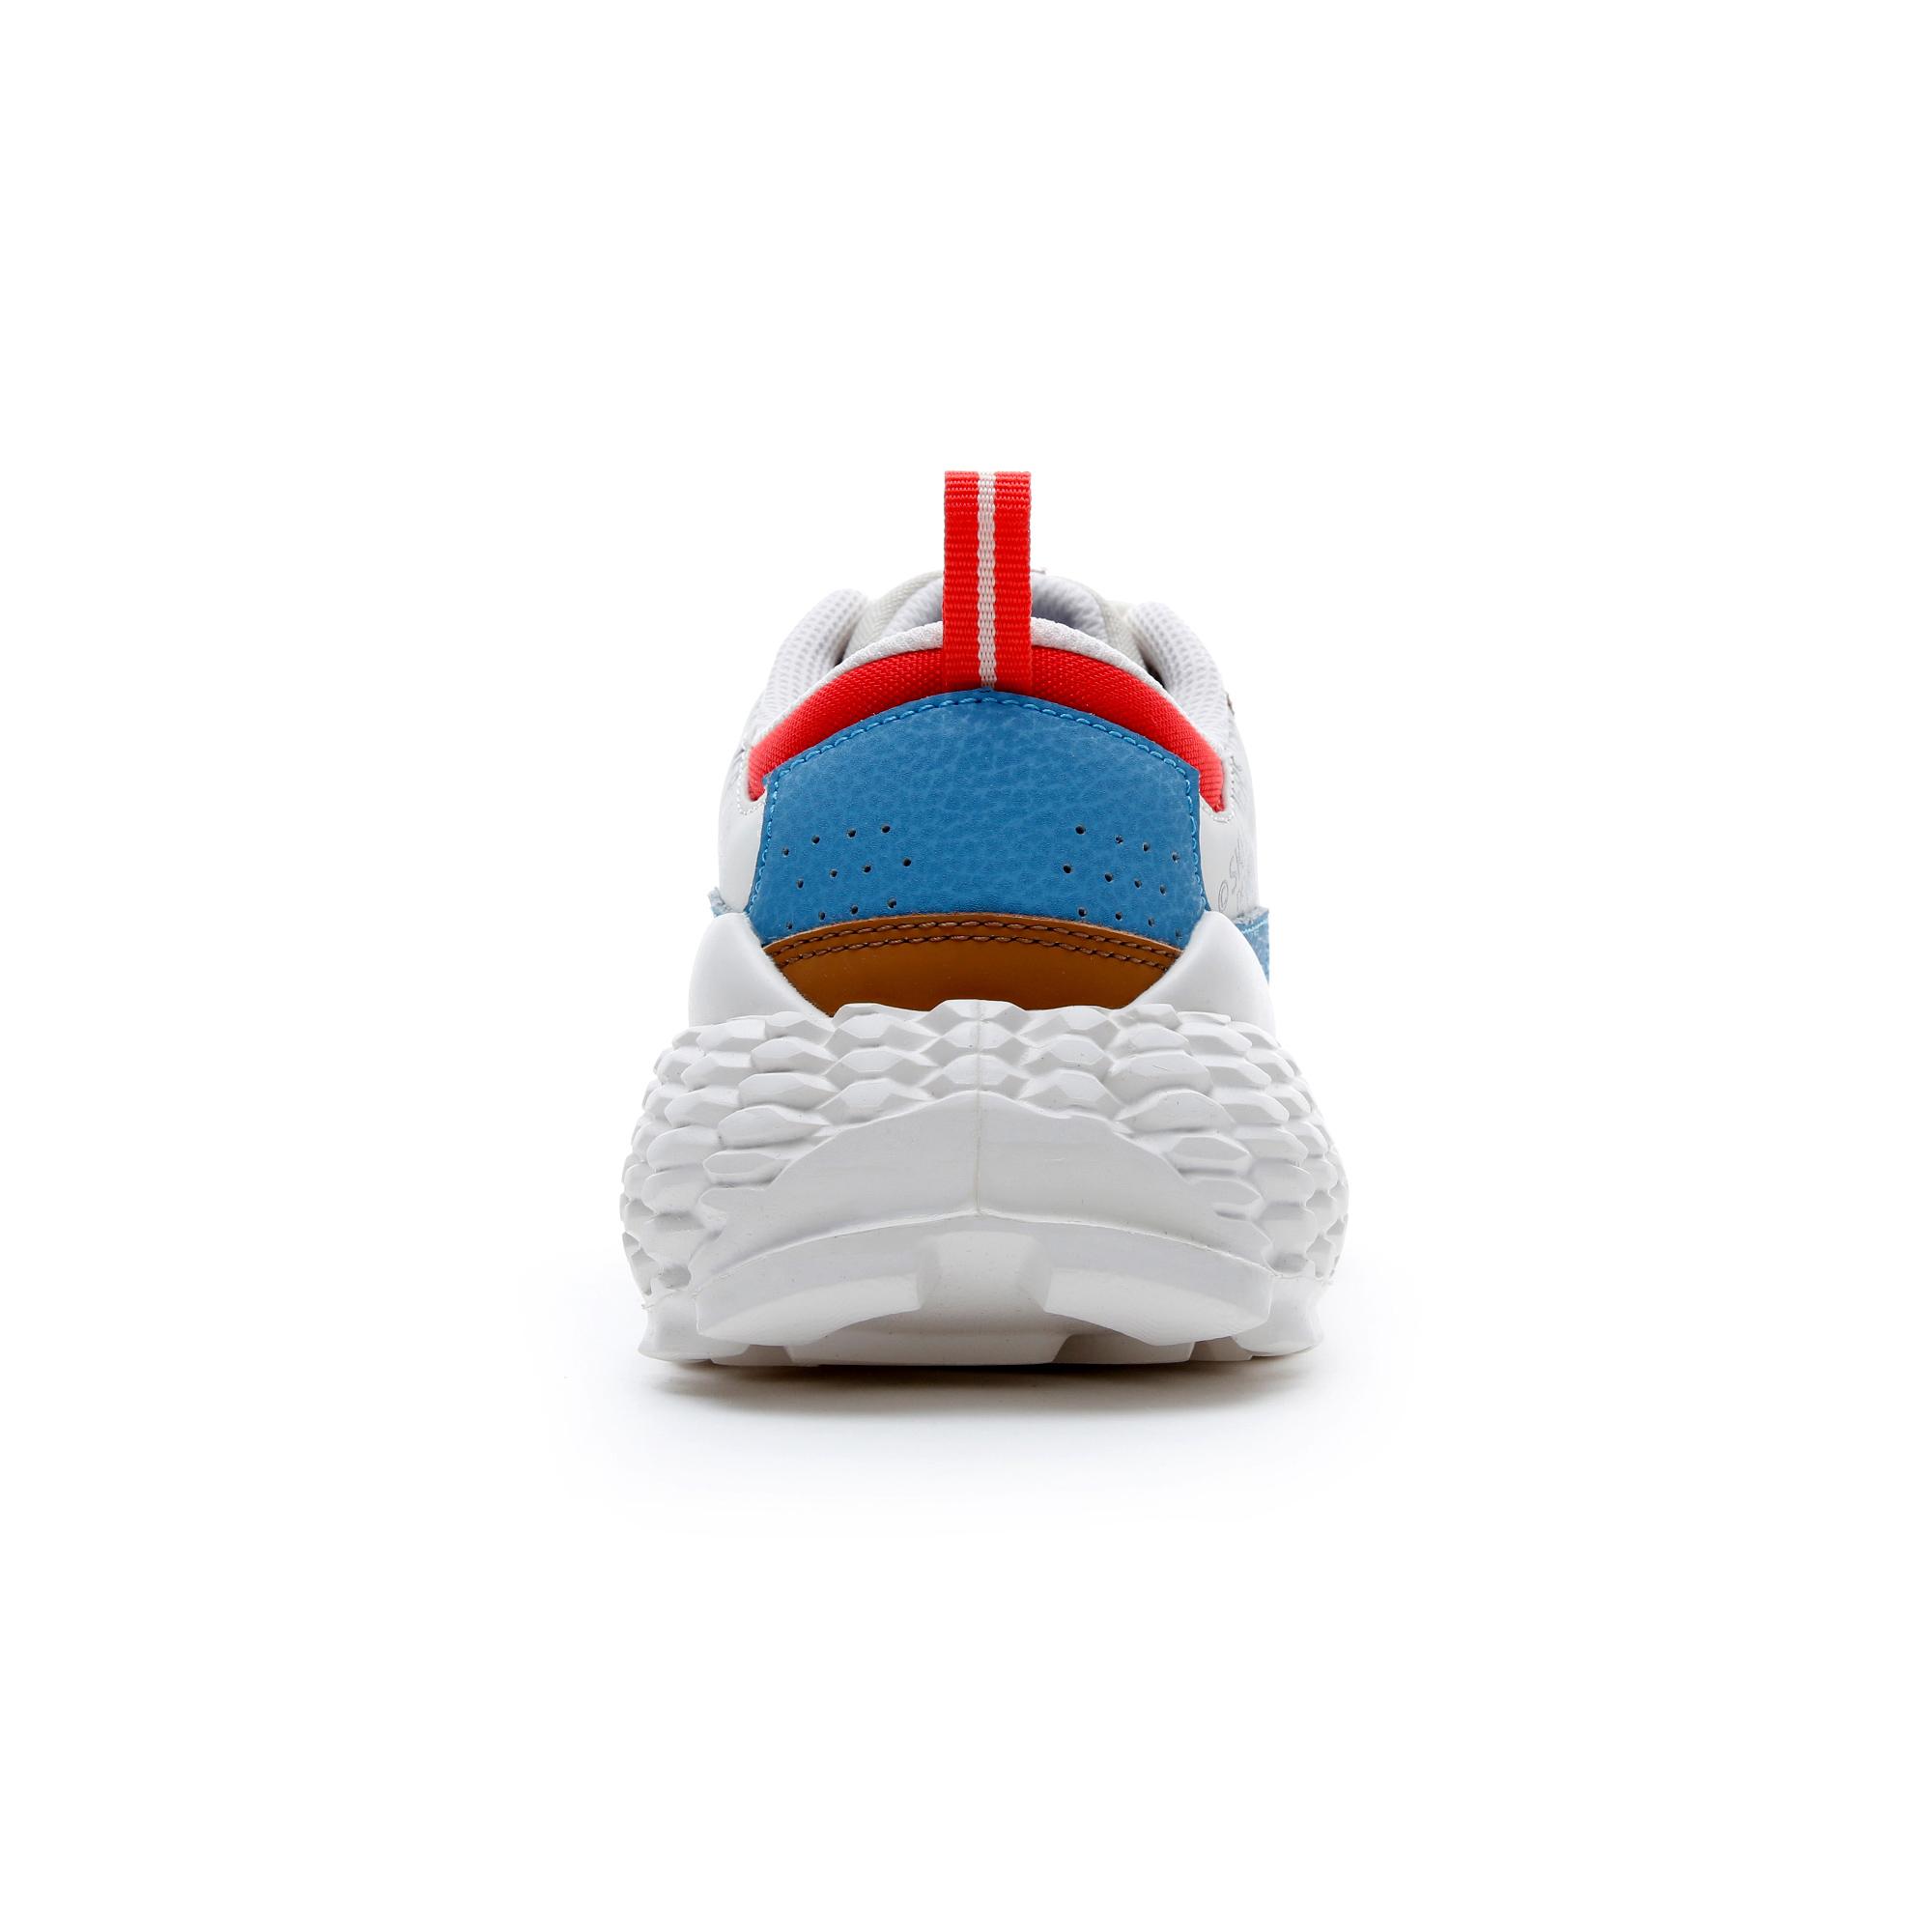 Skechers Monster Beyaz Erkek Spor Ayakkabı